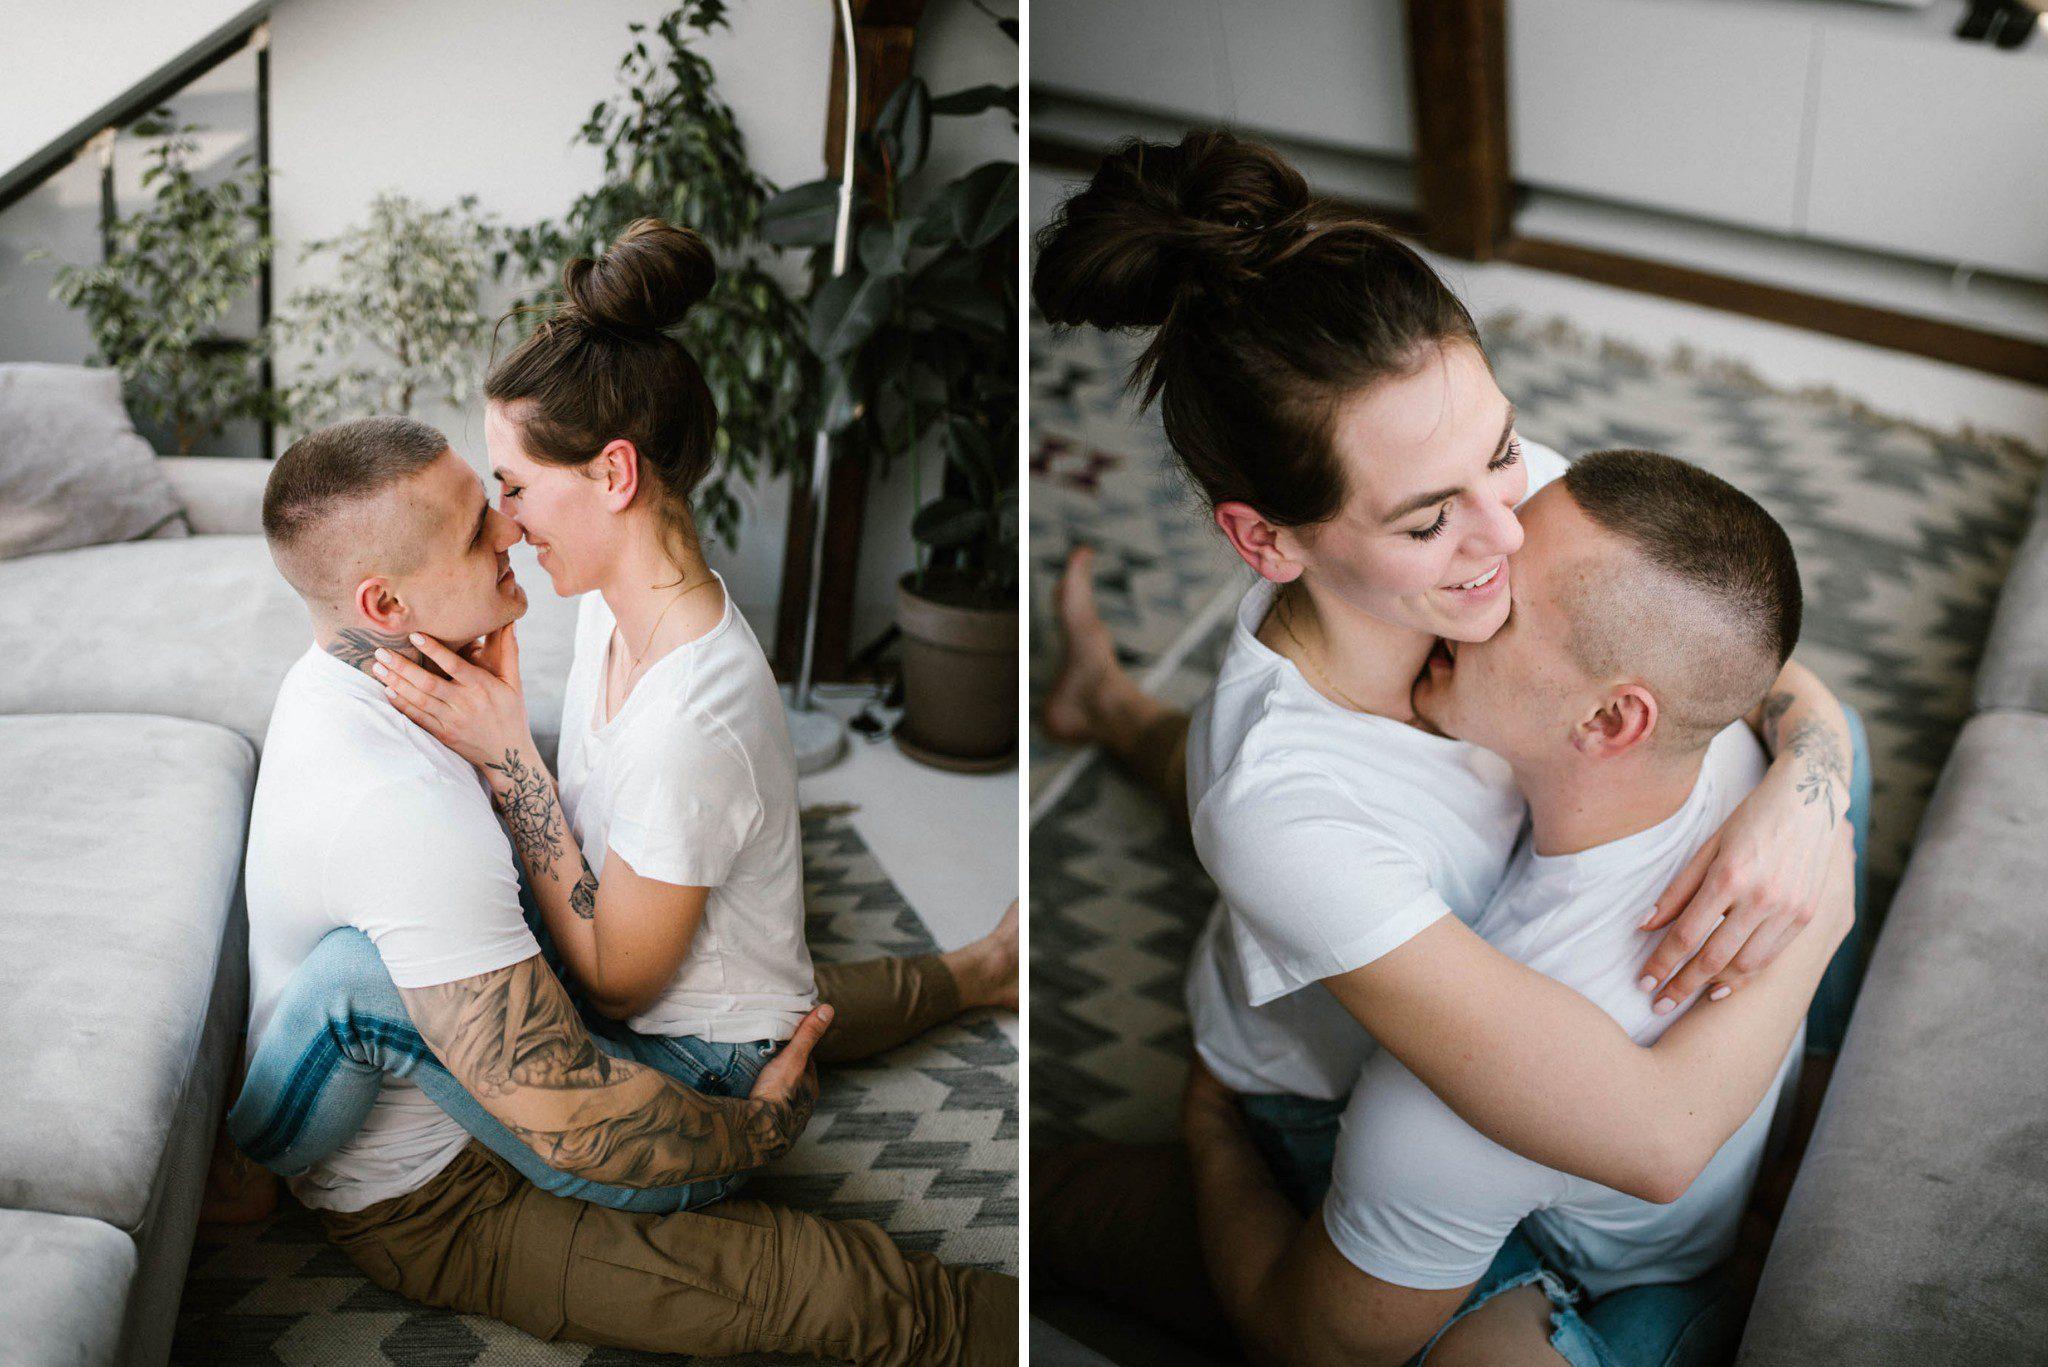 Mężczyzna całuje kobietę na dywanie - sesja miłosna w domu w Poznaniu